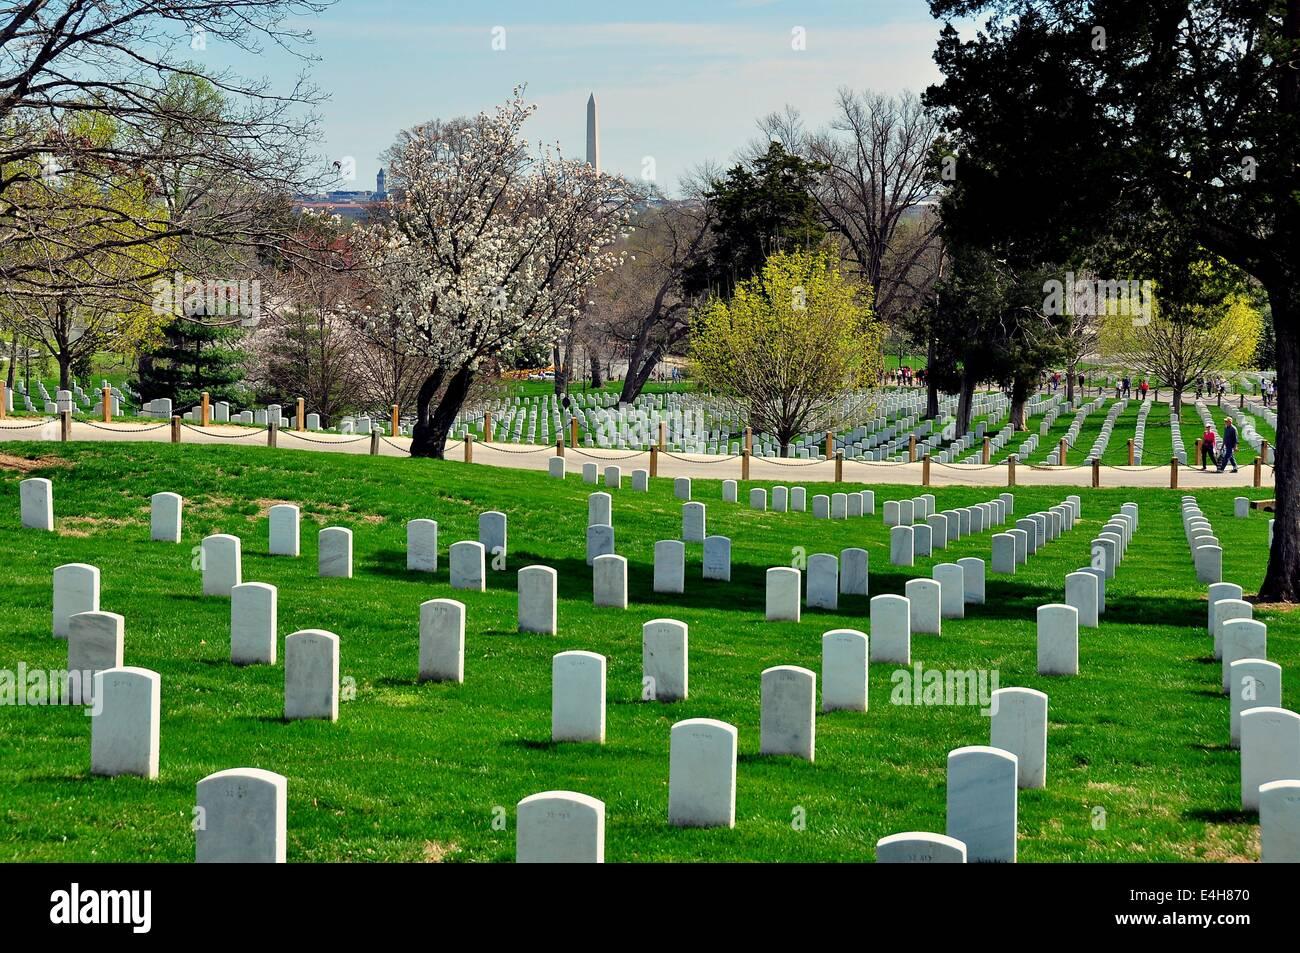 Arlington, Virginia:  Row upon row of military gravesites at Arlington National Cemetery   * Stock Photo